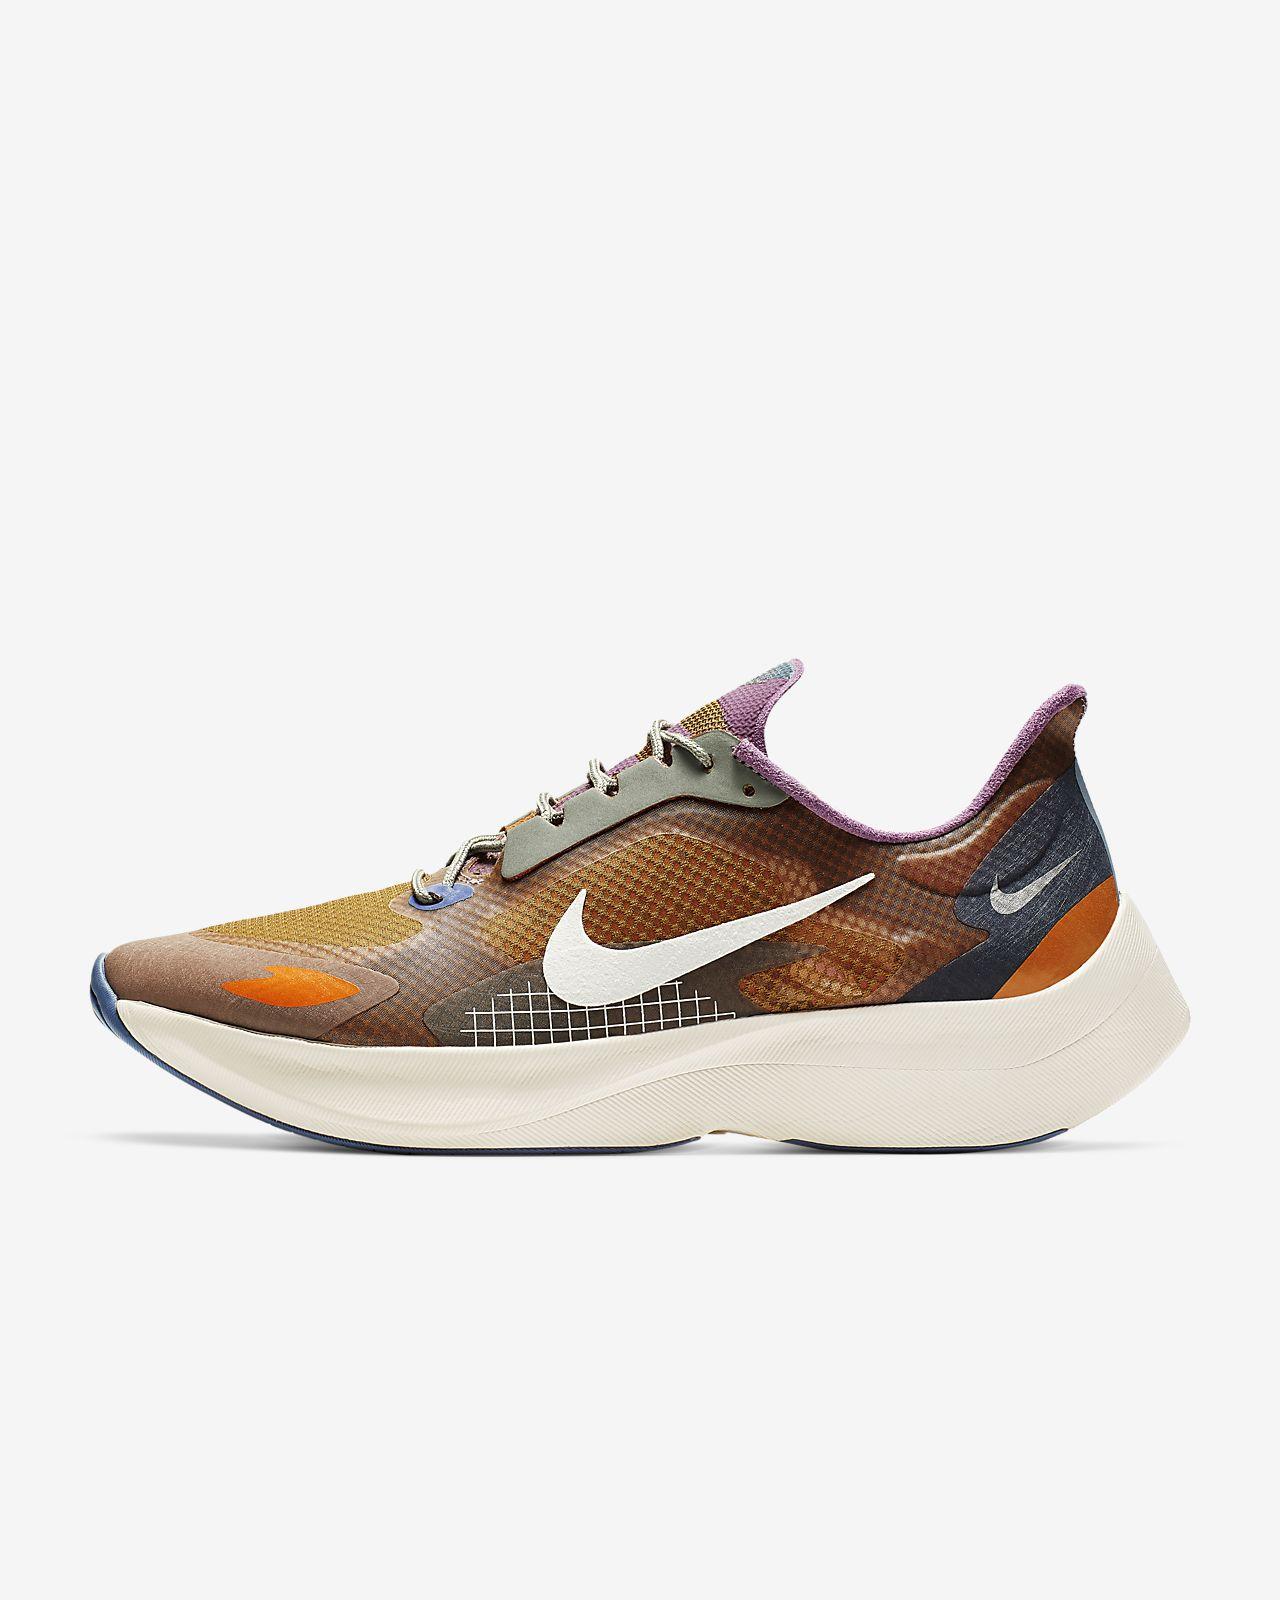 Nike Vapor Street PEG Men's Shoe